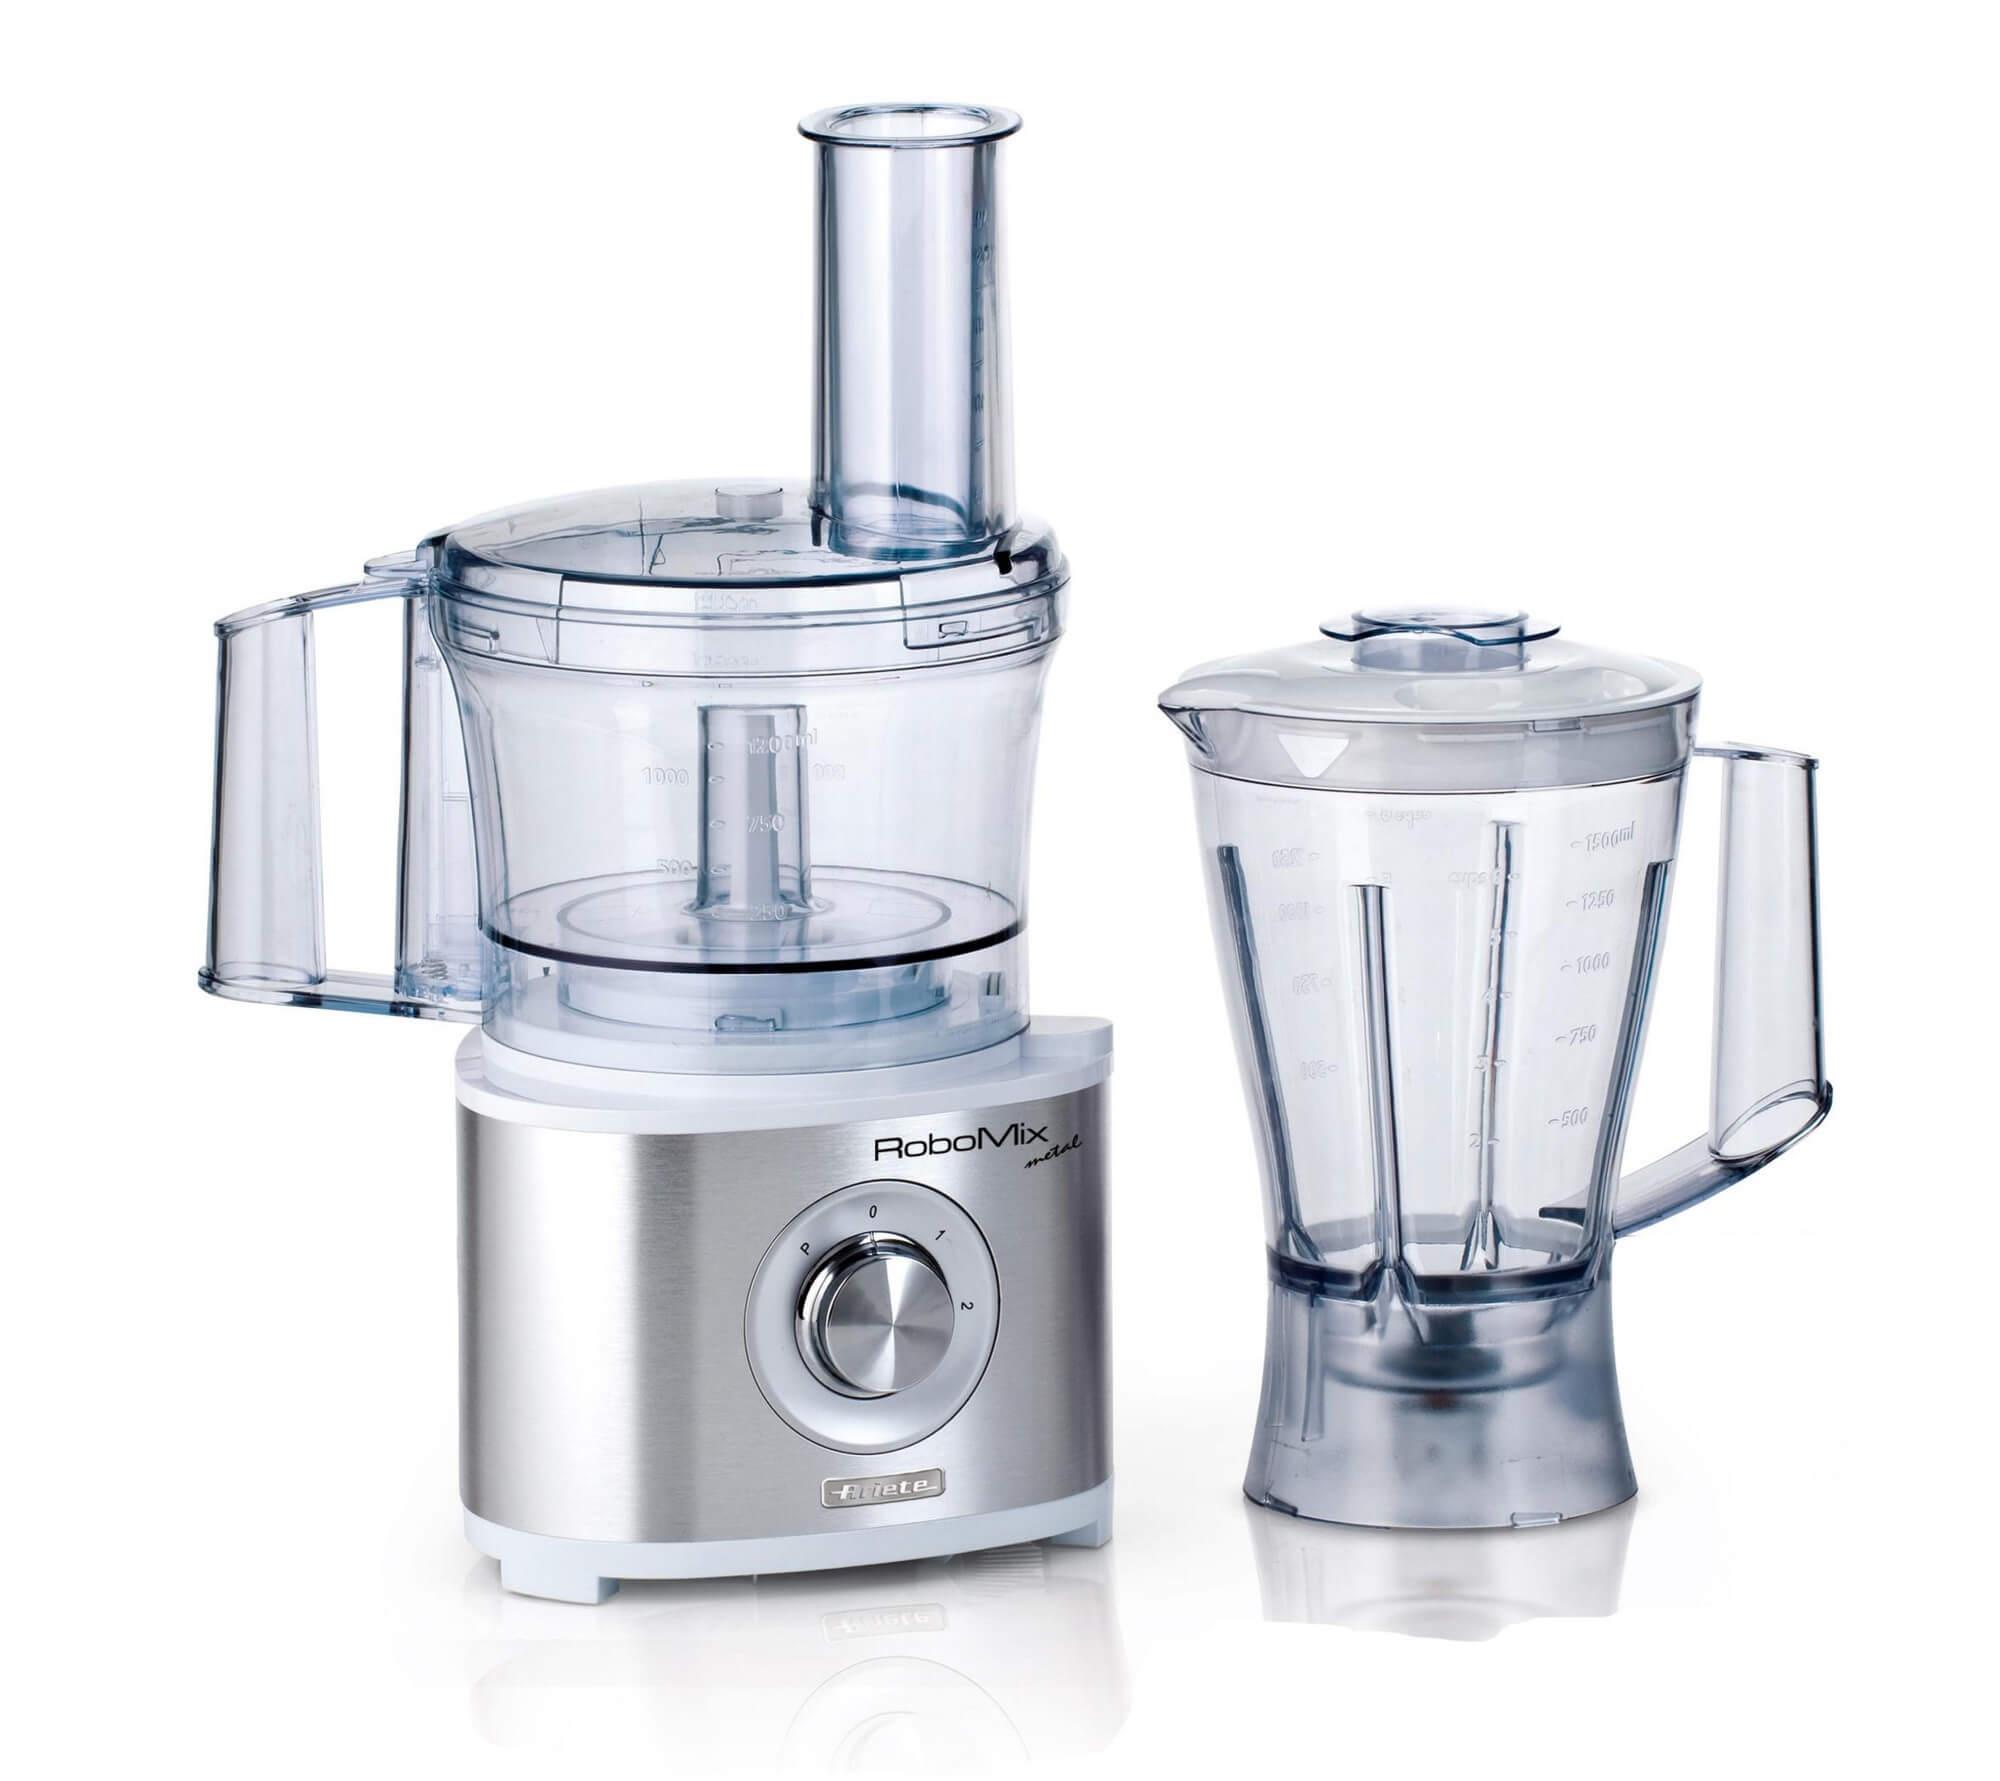 Ariete piccoli elettrodomestici - Robot da cucina bialetti ...